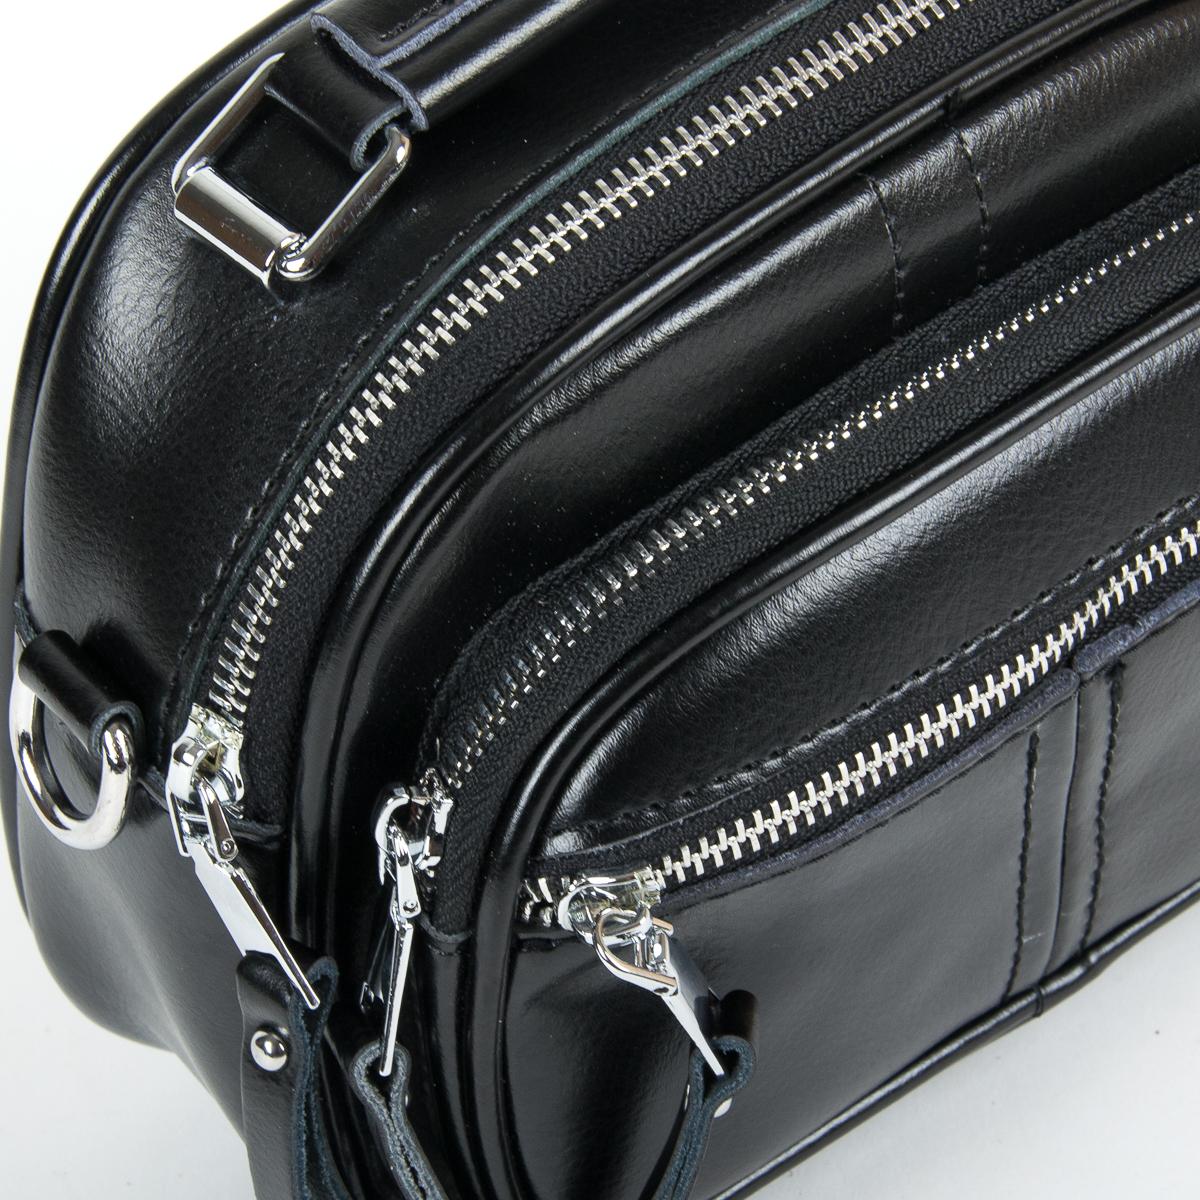 Сумка Женская Клатч кожа ALEX RAI 9-01 8802 black - фото 3